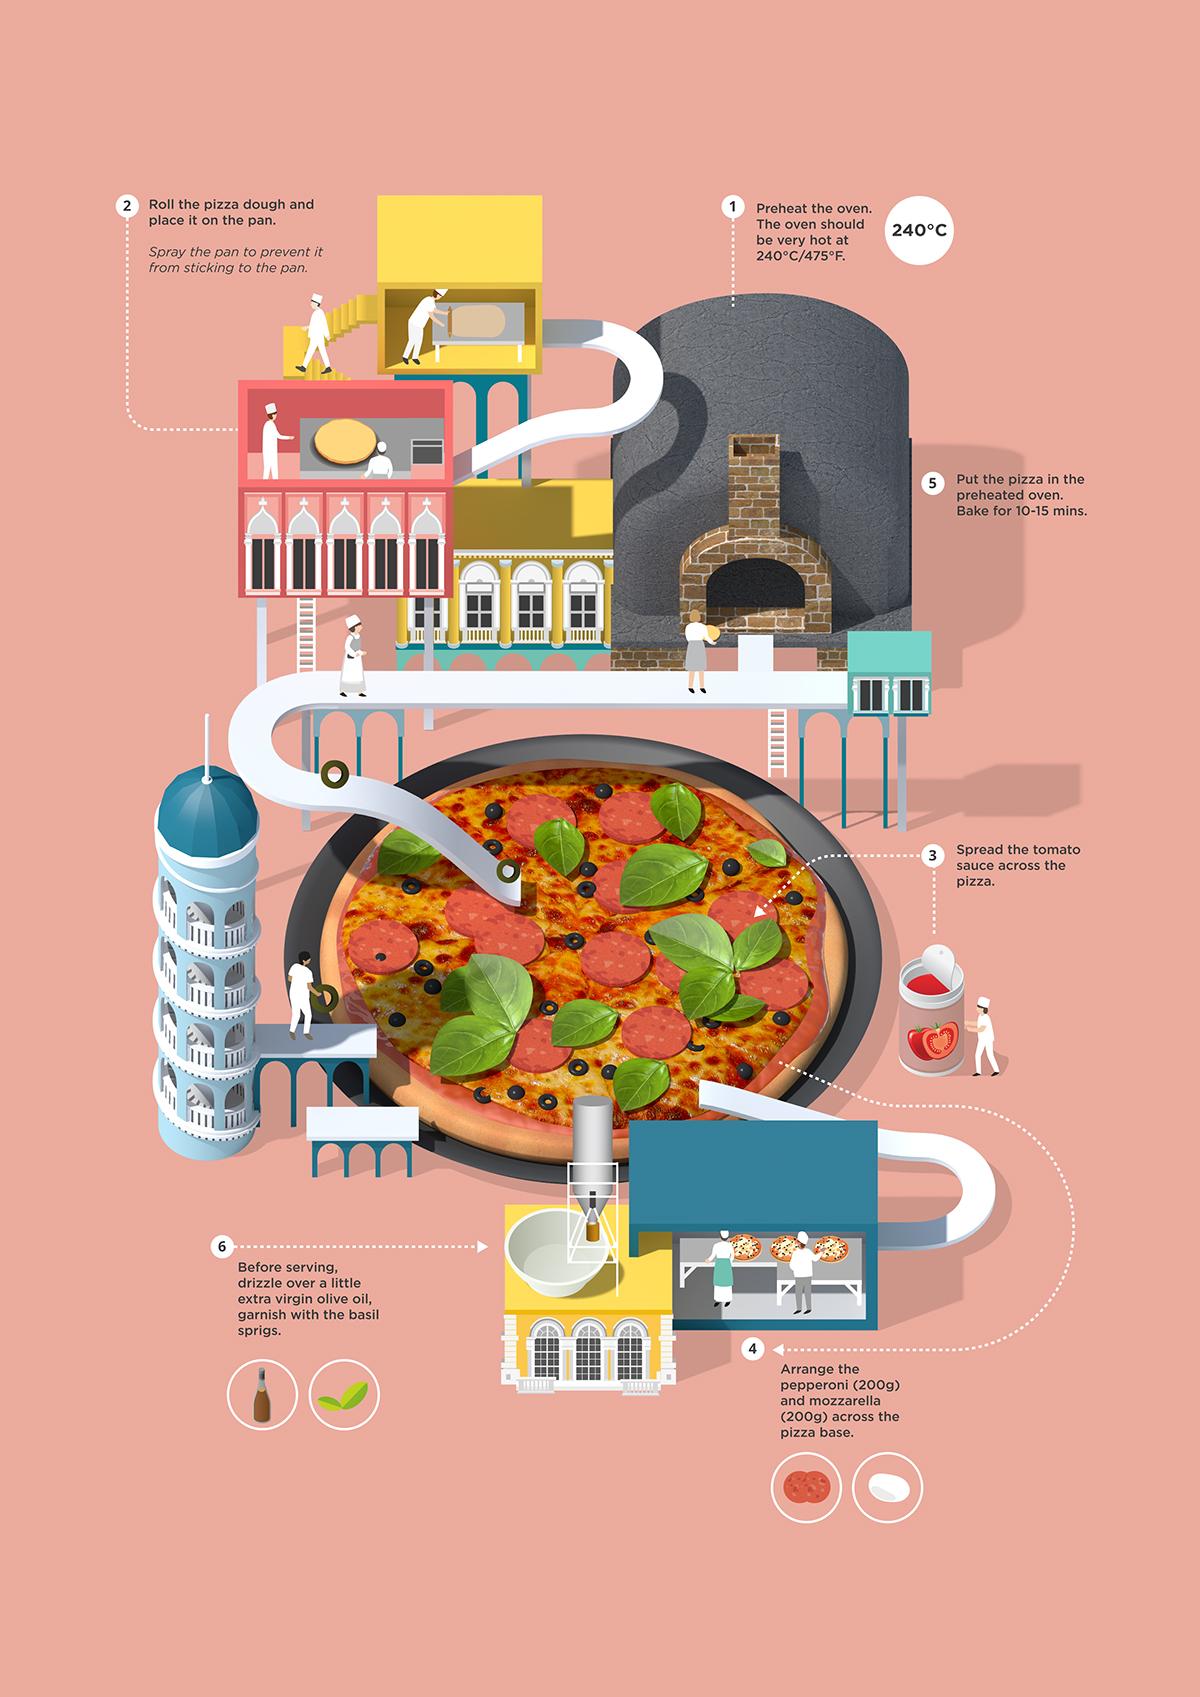 preparacion_comidas_ilustradas_minimalistas_5